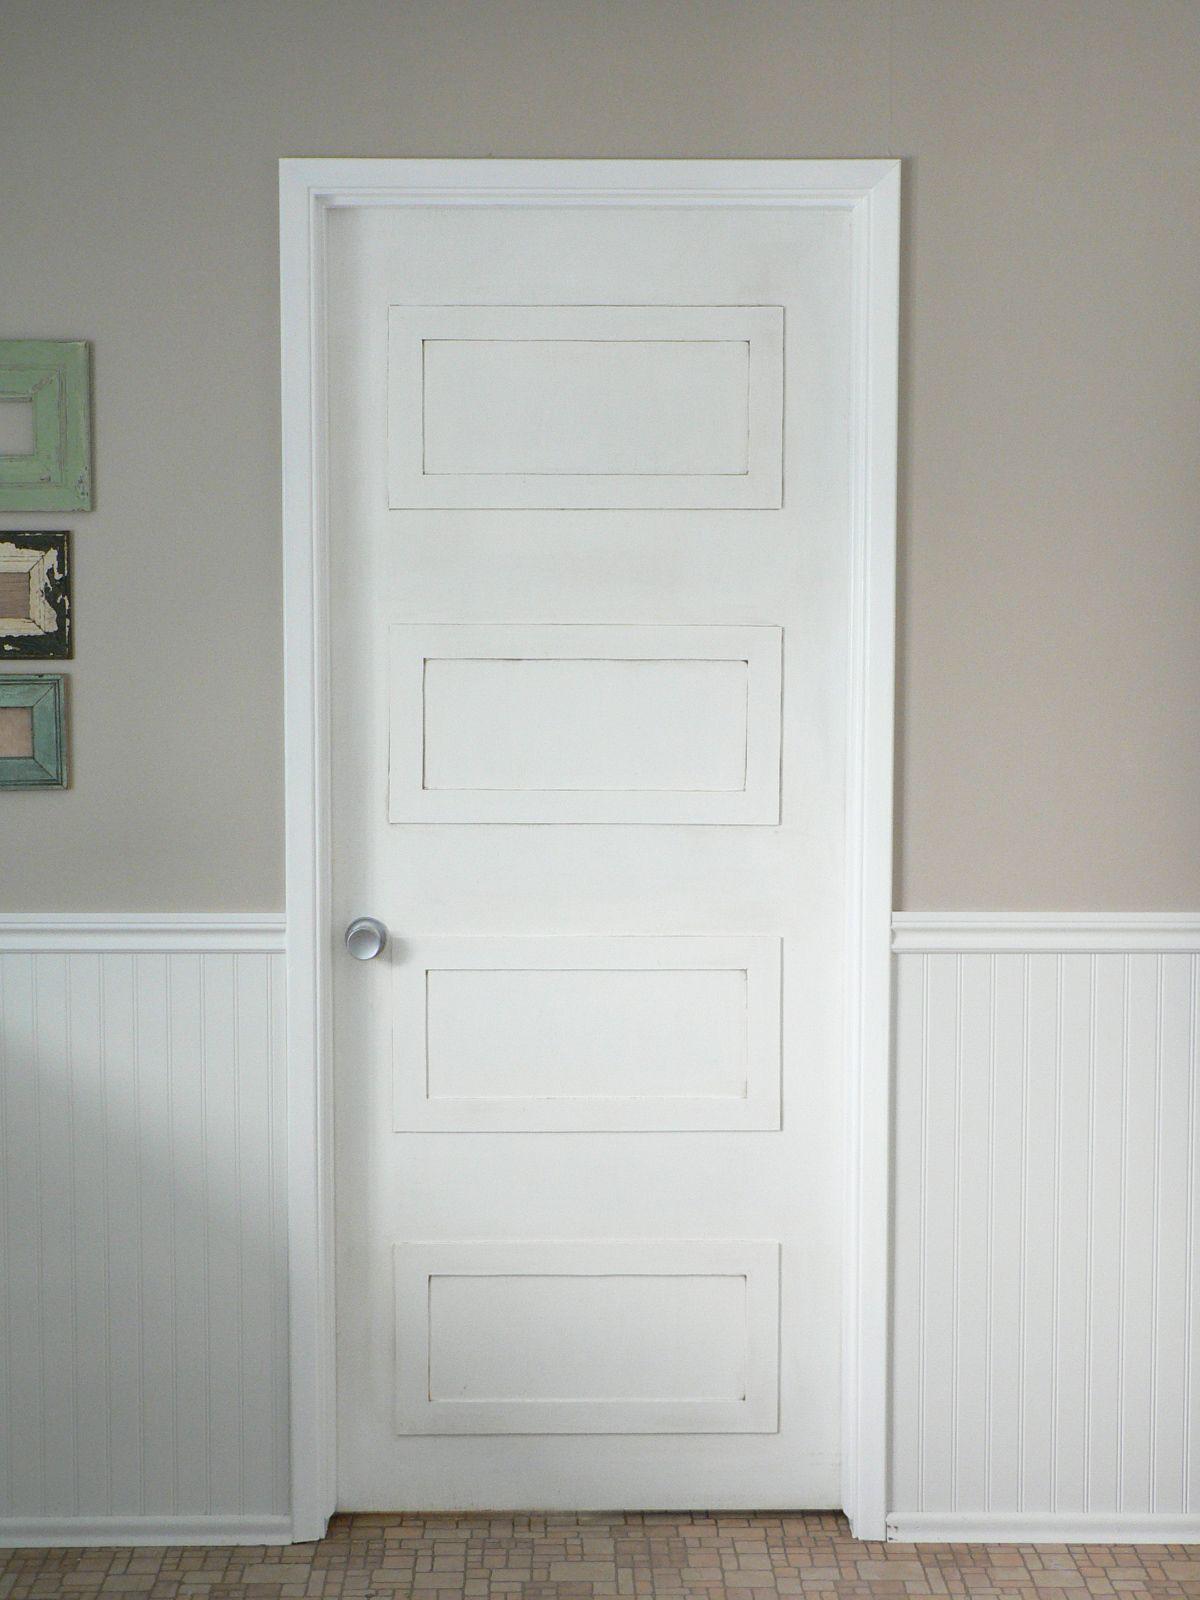 4 rectangle paneled door DIY update  For the Love of It